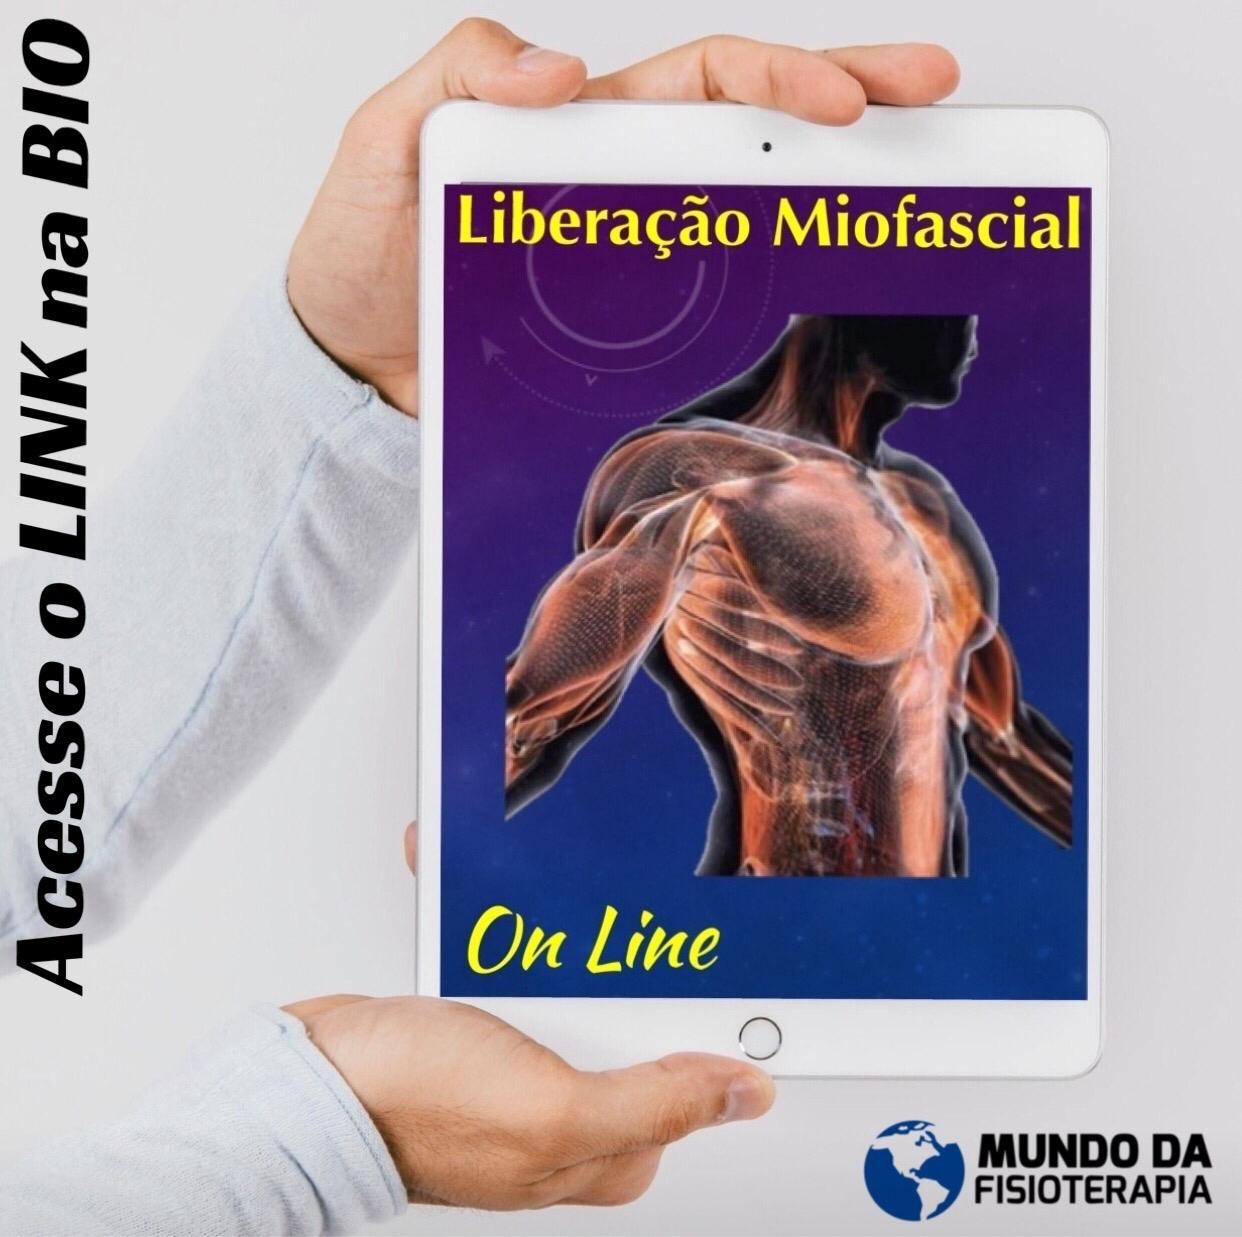 Liberação Miofascial Completo – Instrumental e Manual